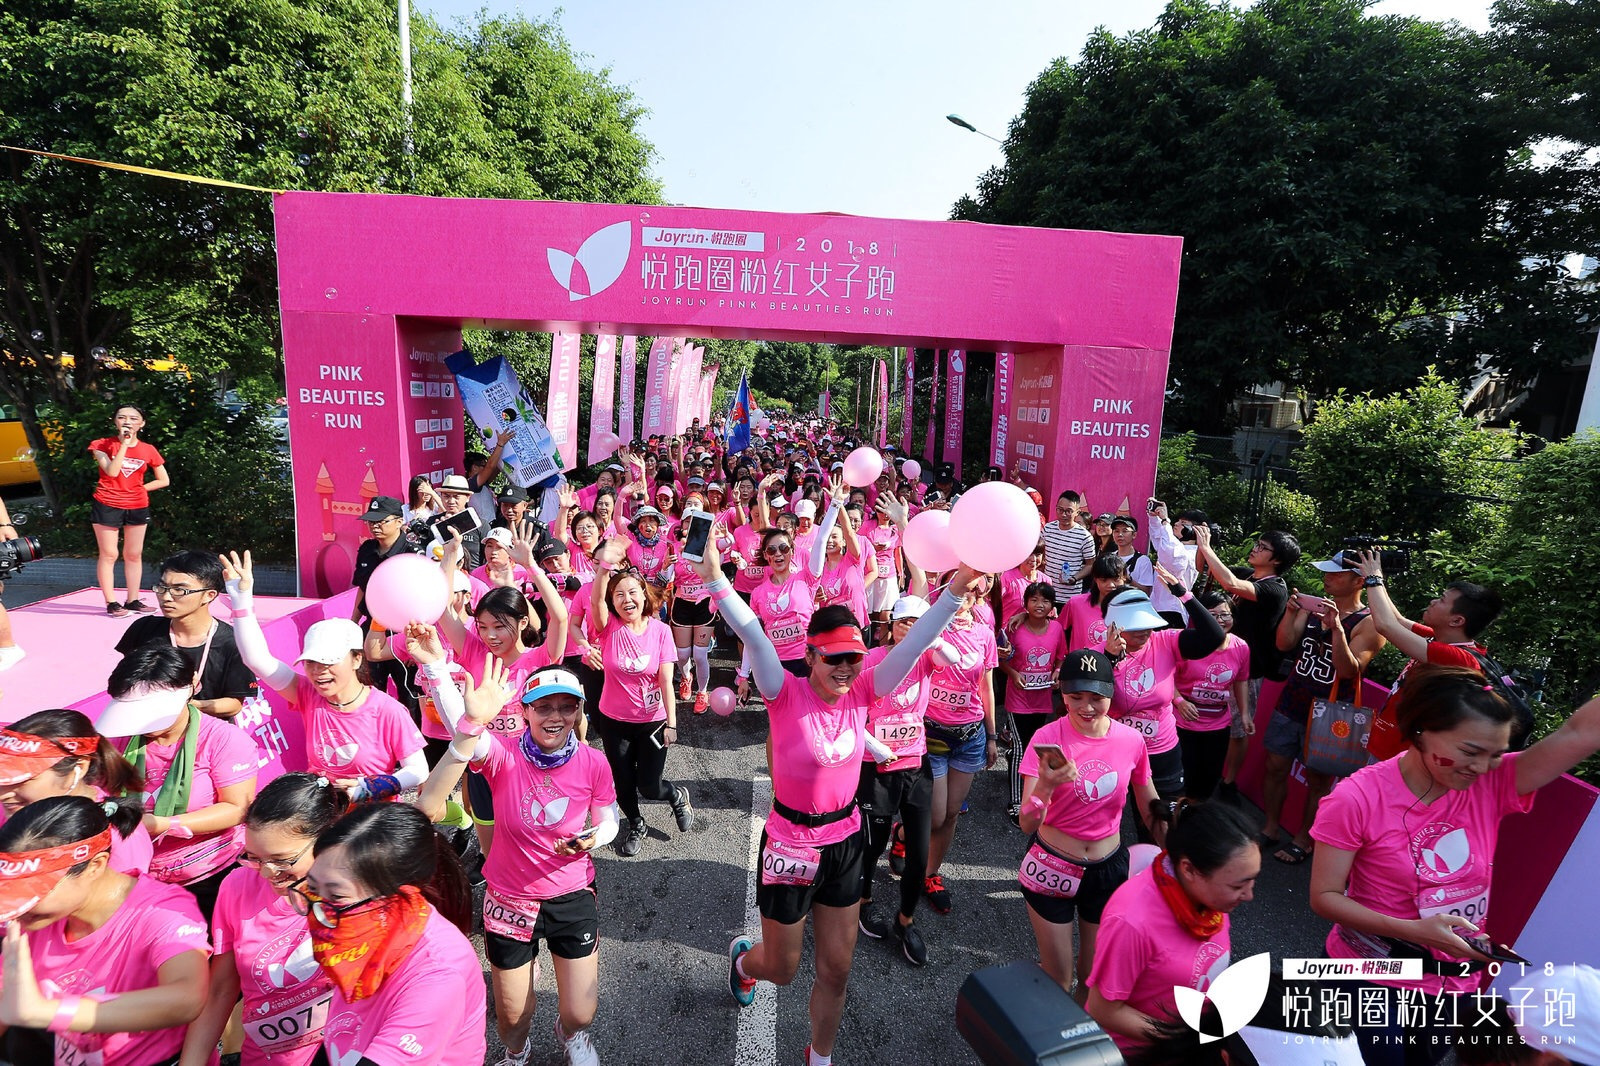 2018悅跑圈粉紅女子跑廣州首站來襲 高顏值美女看個夠(圖)